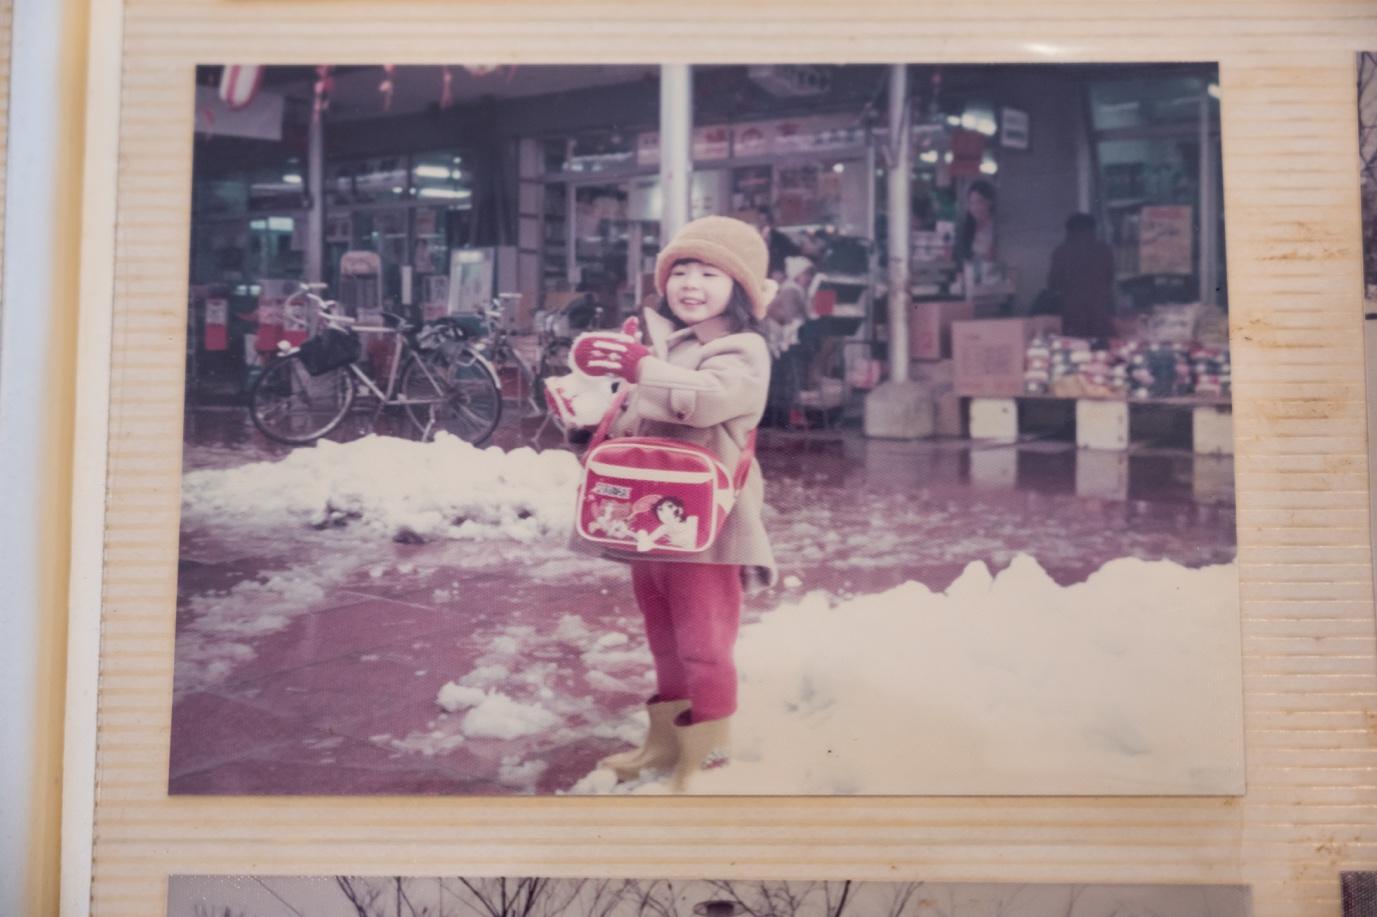 建物, 窓, 写真, 女の子 が含まれている画像  自動的に生成された説明